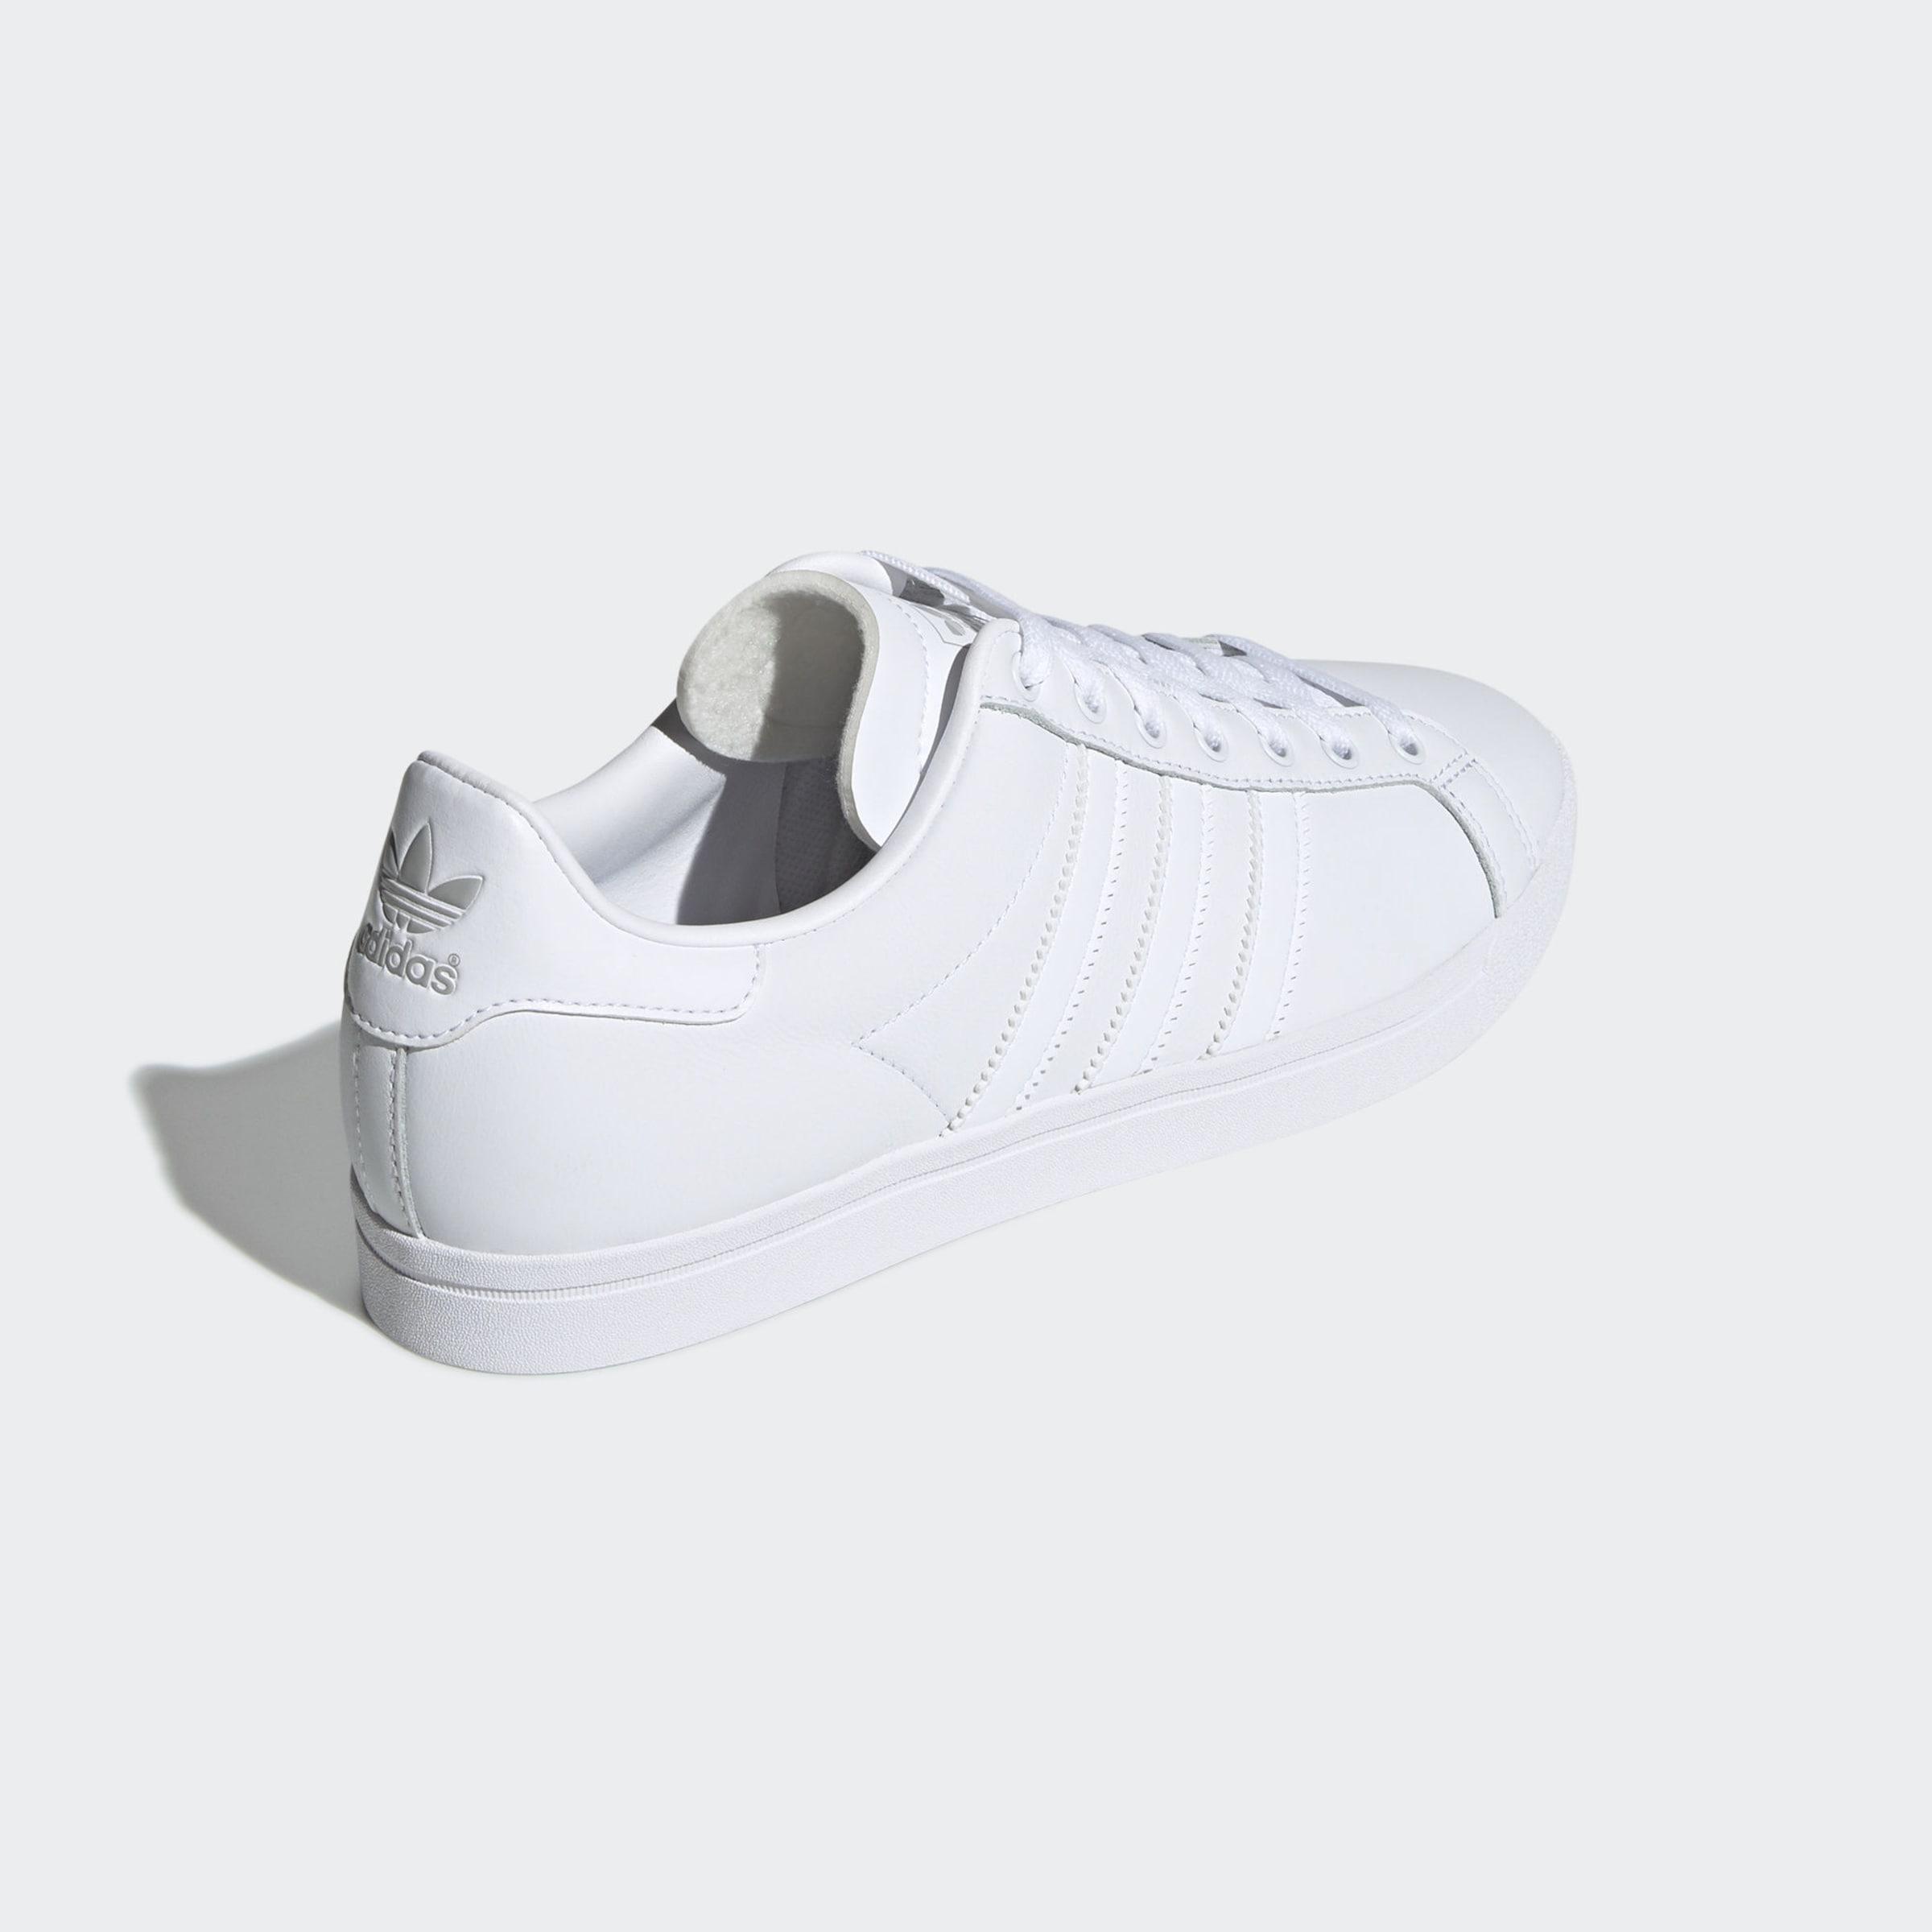 Blanc Baskets Star' Basses Adidas Originals En 'coast 7gymf6IYbv